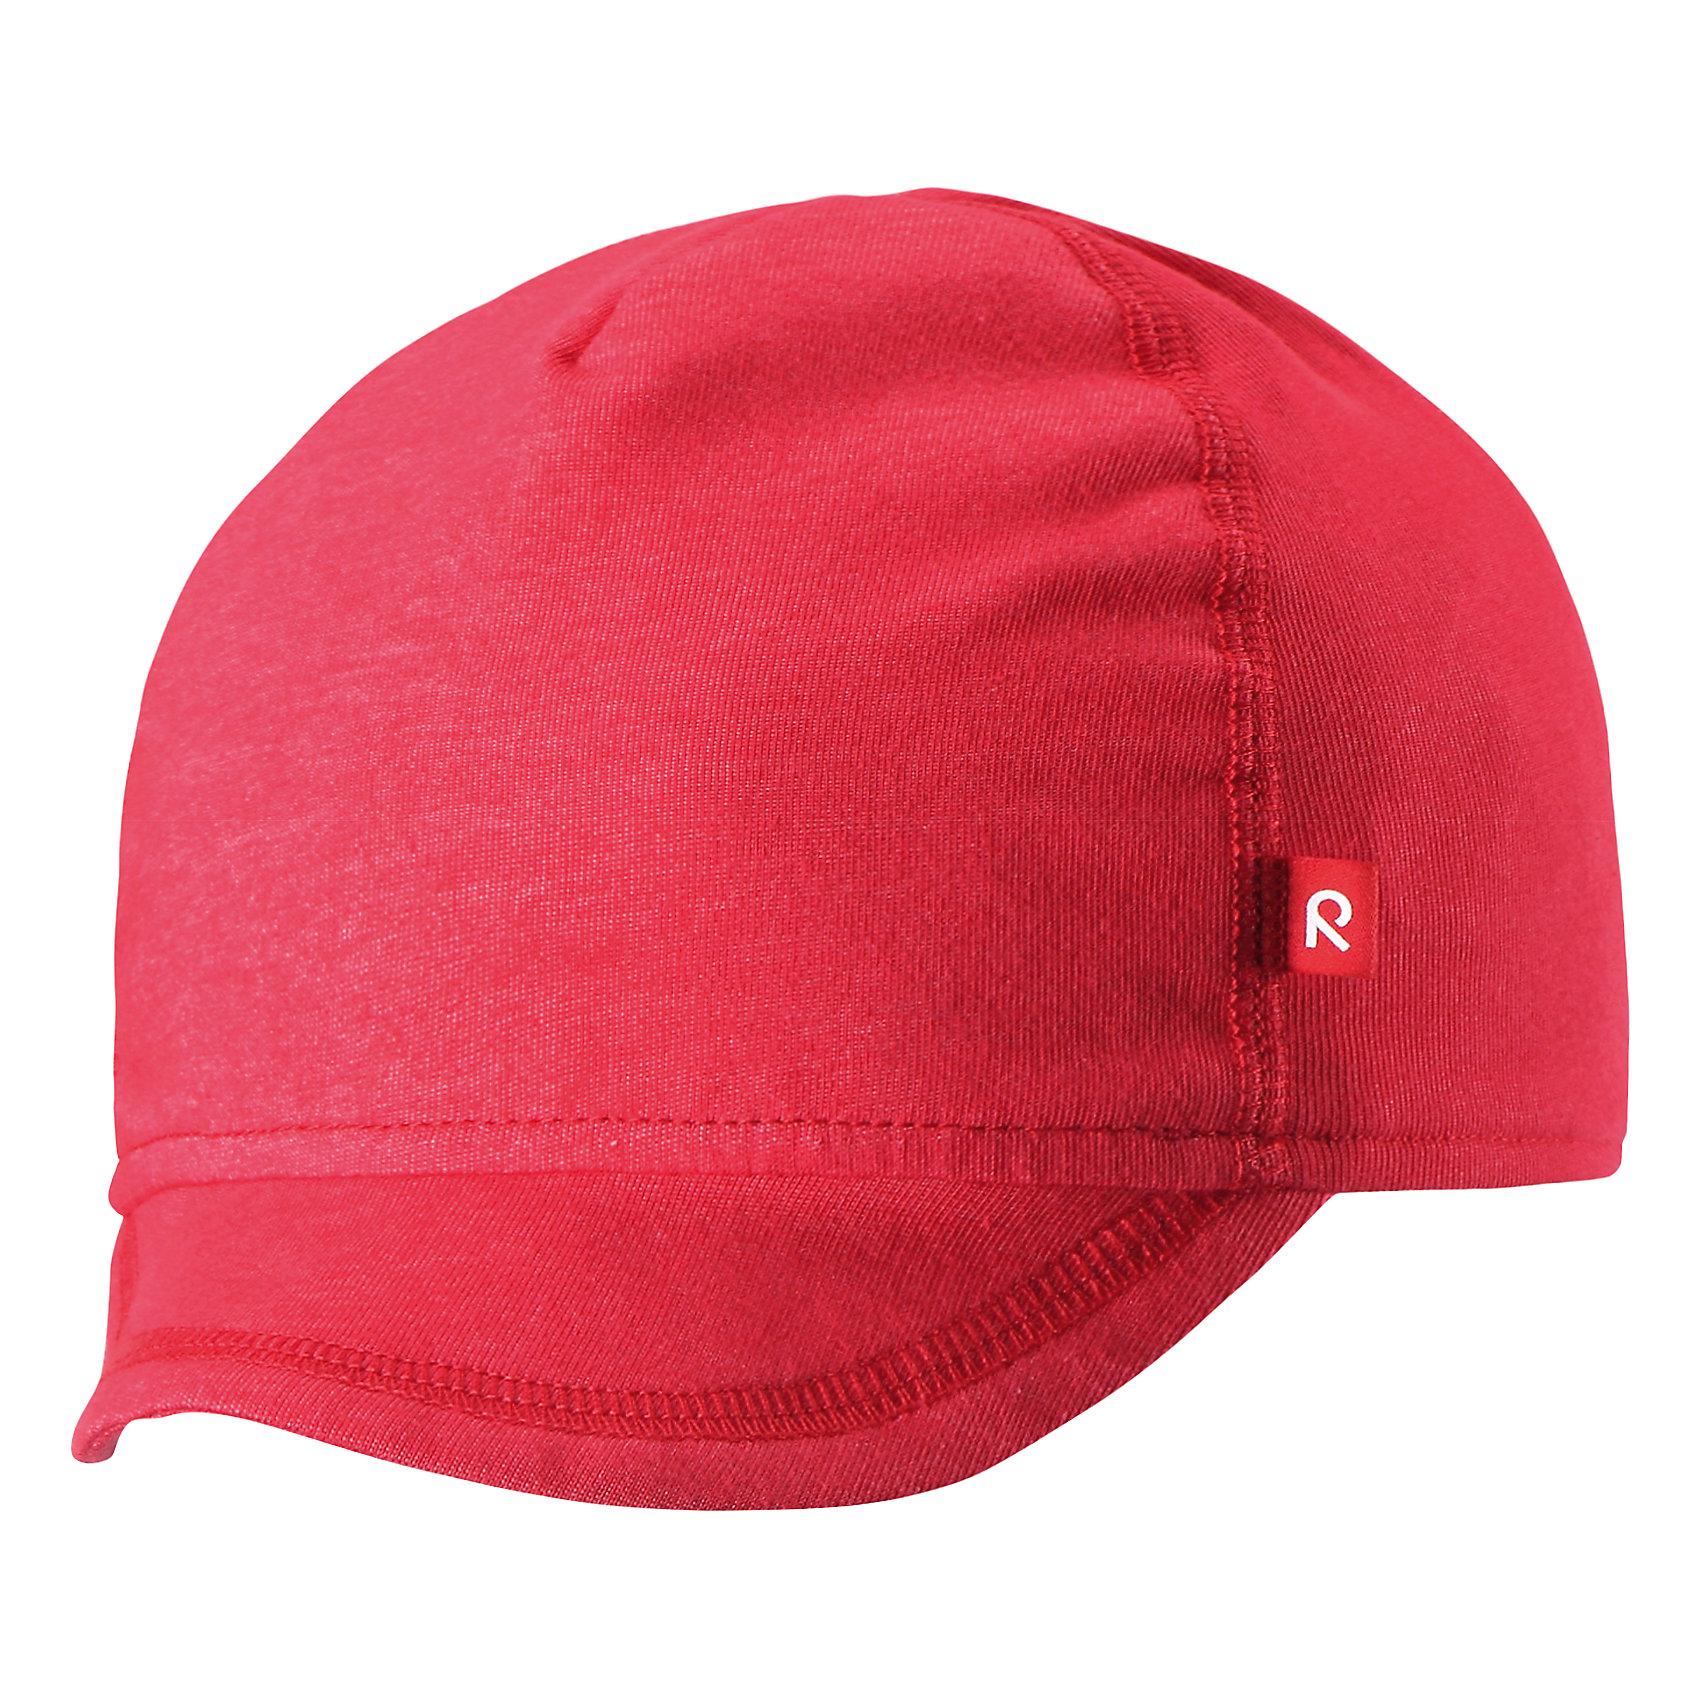 Кепка Wafer для девочки ReimaШапки и шарфы<br>Характеристики товара:<br><br>• цвет: красный<br>• состав: 65% хлопок, 30% полиэстер, 5% эластан<br>• сплошная подкладка: влаговыводящий трикотаж Play Jersey<br>• температурный режим: от +10С<br>• фактор защиты от ультрафиолета: 50+<br>• эластичный материал<br>• быстросохнущий, очень приятный на ощупь материал Play Jersey<br>• приятная на ощупь хлопковая поверхность<br>• влагоотводящая изнаночная сторона<br>• эмблема Reima спереди<br>• страна бренда: Финляндия<br>• страна производства: Китай<br><br>Детский головной убор может быть модным и удобным одновременно! Стильная кепка поможет обеспечить ребенку комфорт и дополнить наряд. Кепка удобно сидит и аккуратно выглядит. Проста в уходе, долго служит. Стильный дизайн разрабатывался специально для детей. Отличная защита от солнца!<br><br>Уход:<br><br>• стирать с бельем одинакового цвета, вывернув наизнанку<br>• полоскать без специального средства<br>• придать первоначальную форму вo влажном виде.<br><br>Кепку от финского бренда Reima (Рейма) можно купить в нашем интернет-магазине.<br><br>Ширина мм: 89<br>Глубина мм: 117<br>Высота мм: 44<br>Вес г: 155<br>Цвет: красный<br>Возраст от месяцев: 18<br>Возраст до месяцев: 36<br>Пол: Женский<br>Возраст: Детский<br>Размер: 46,50<br>SKU: 5271012